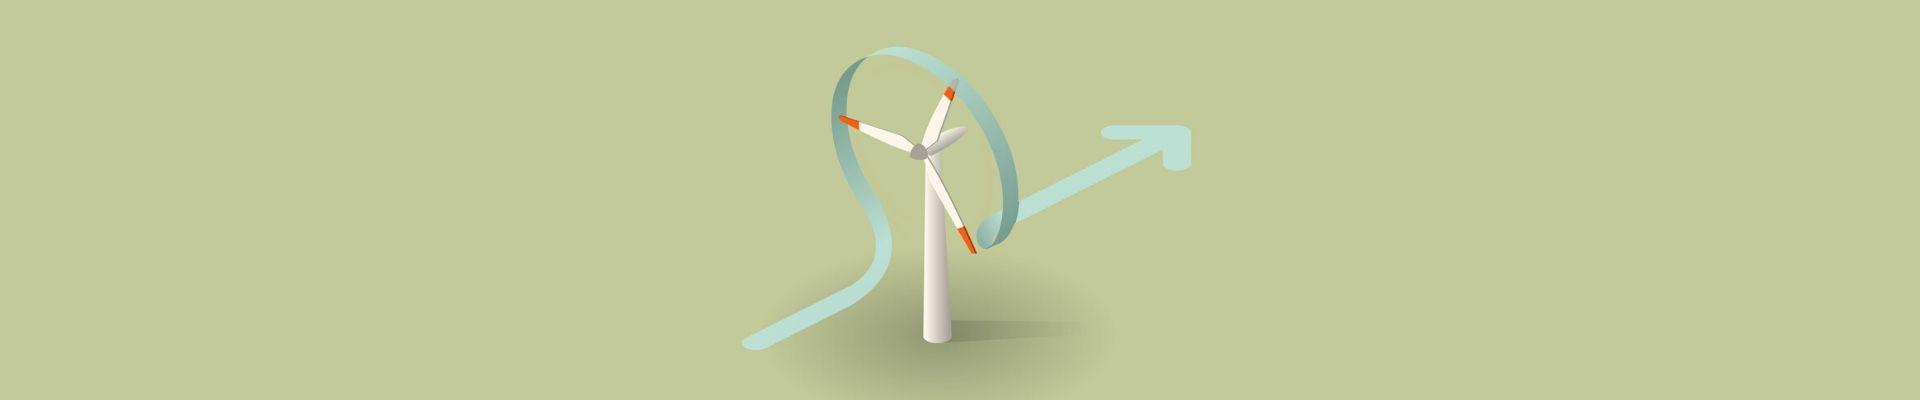 Quelles sont les énergies renouvelables en France ?